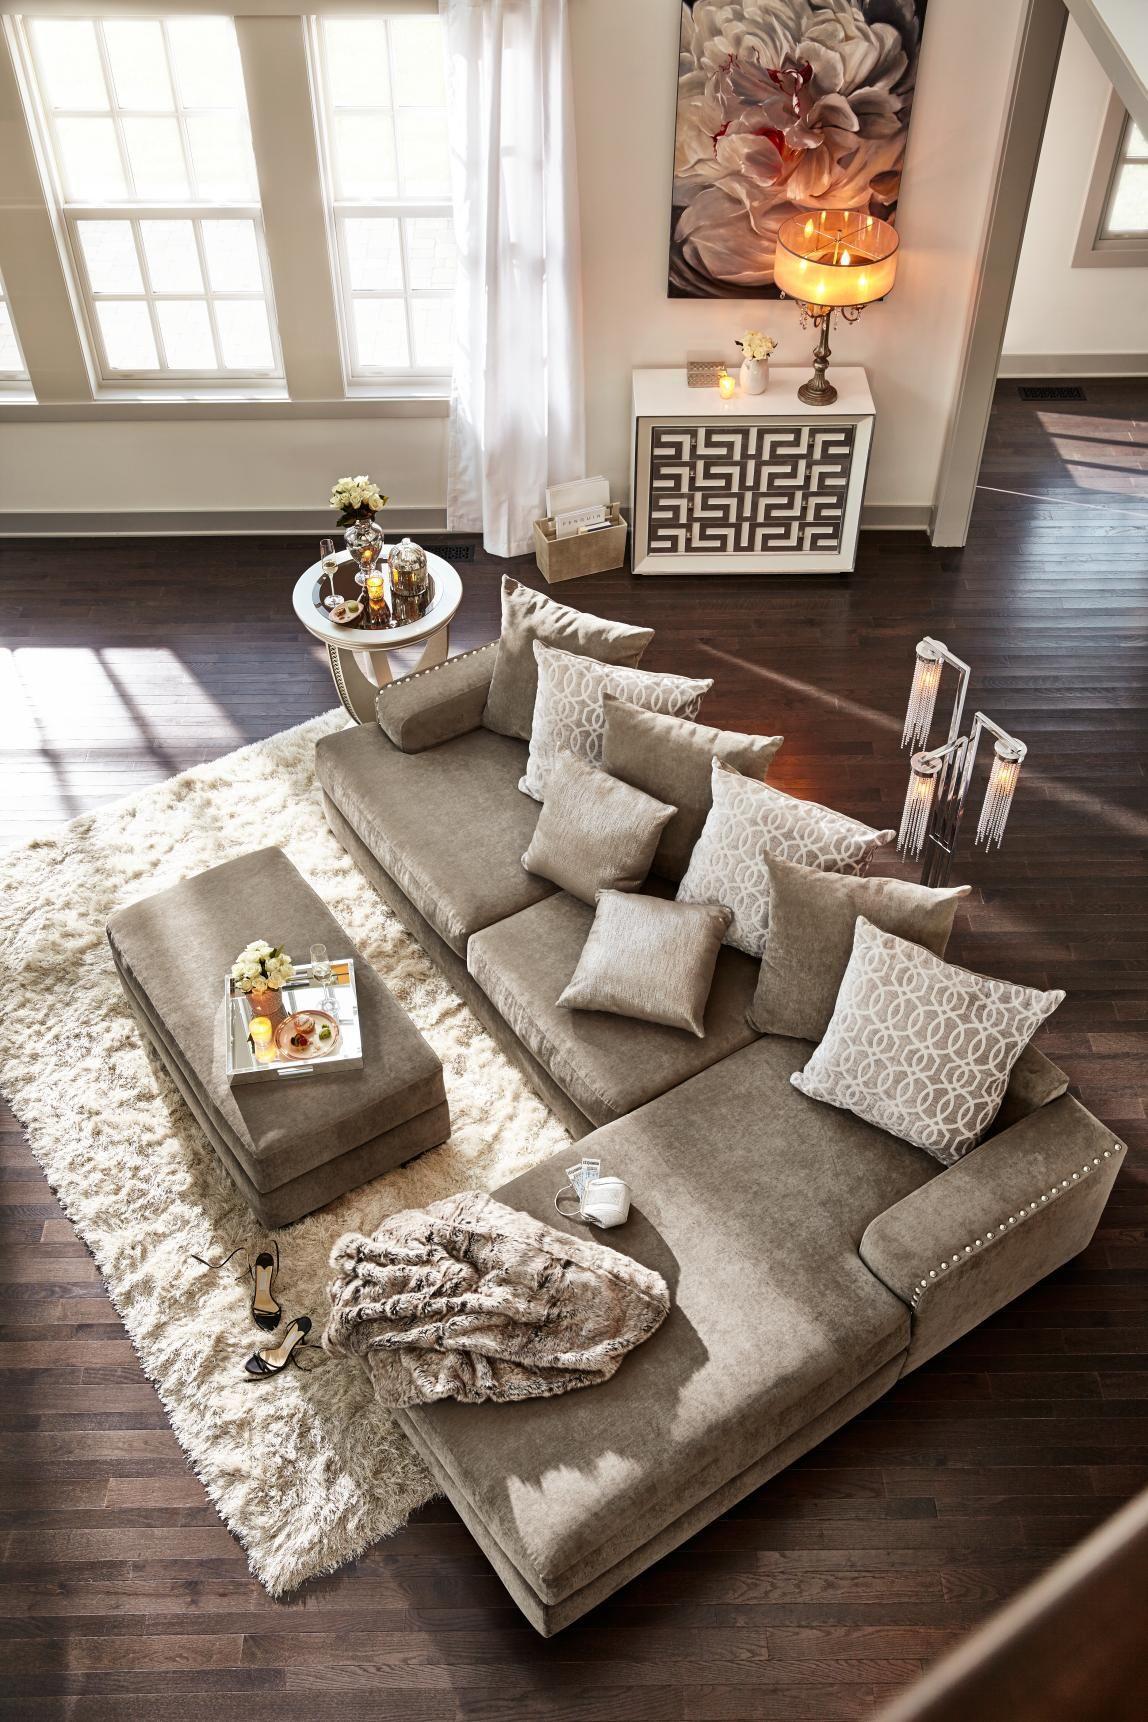 Living Room Decor - Wohnzimmer Dekor | Wohnzimmer Designs ...